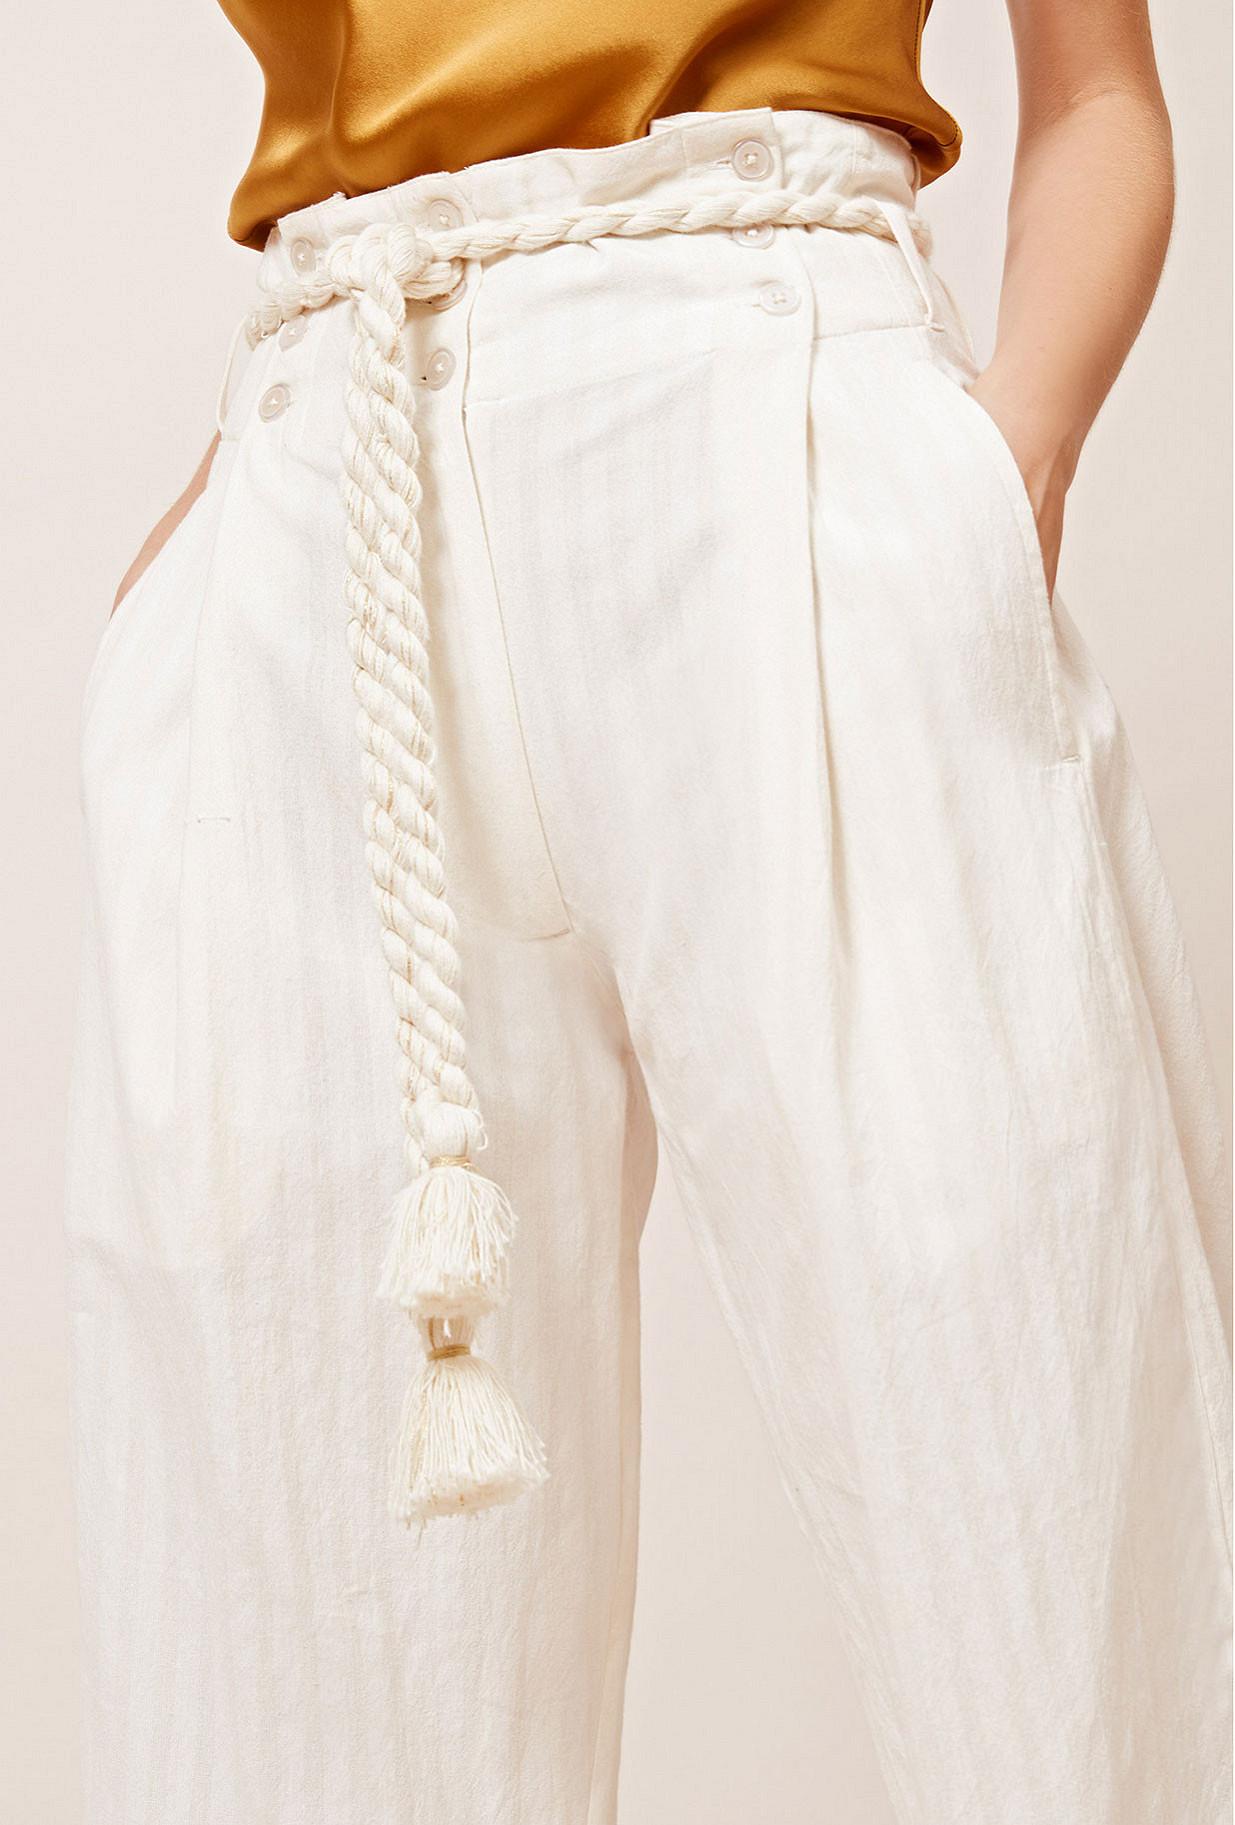 Pantalon   Olympic mes demoiselles paris vêtement femme paris